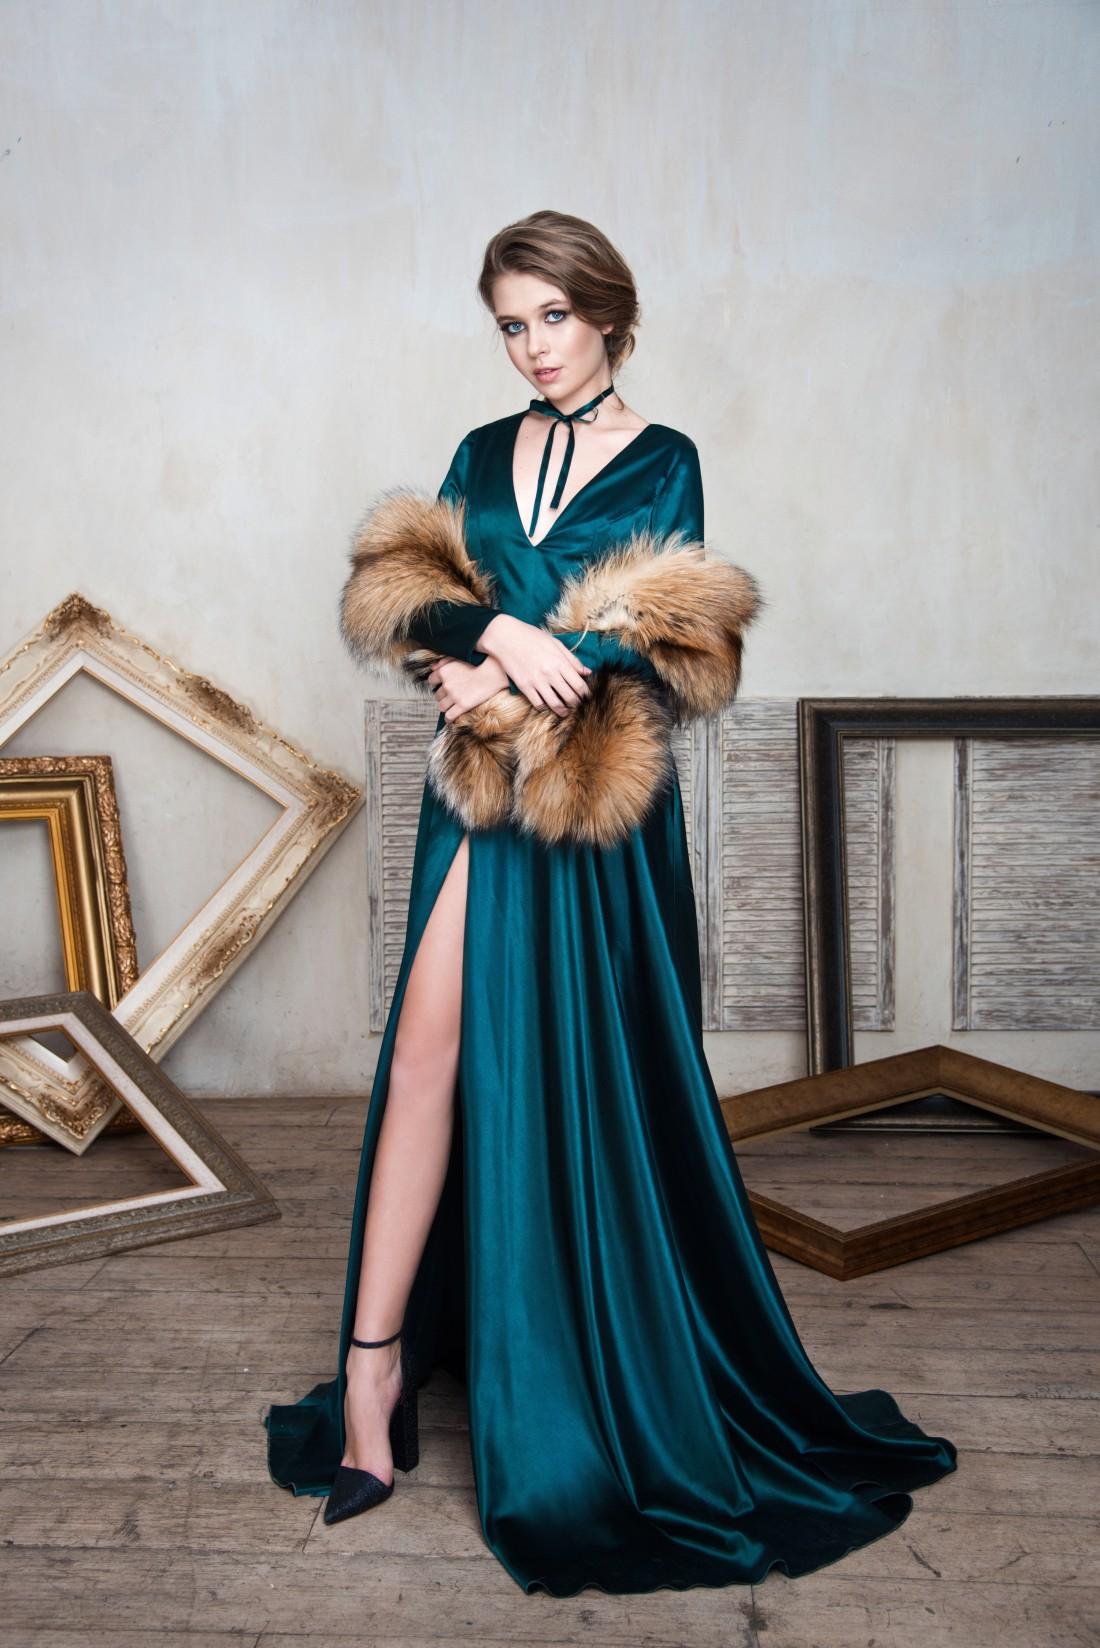 Дочь Веры Брежневой в лукбуке российского дизайнера